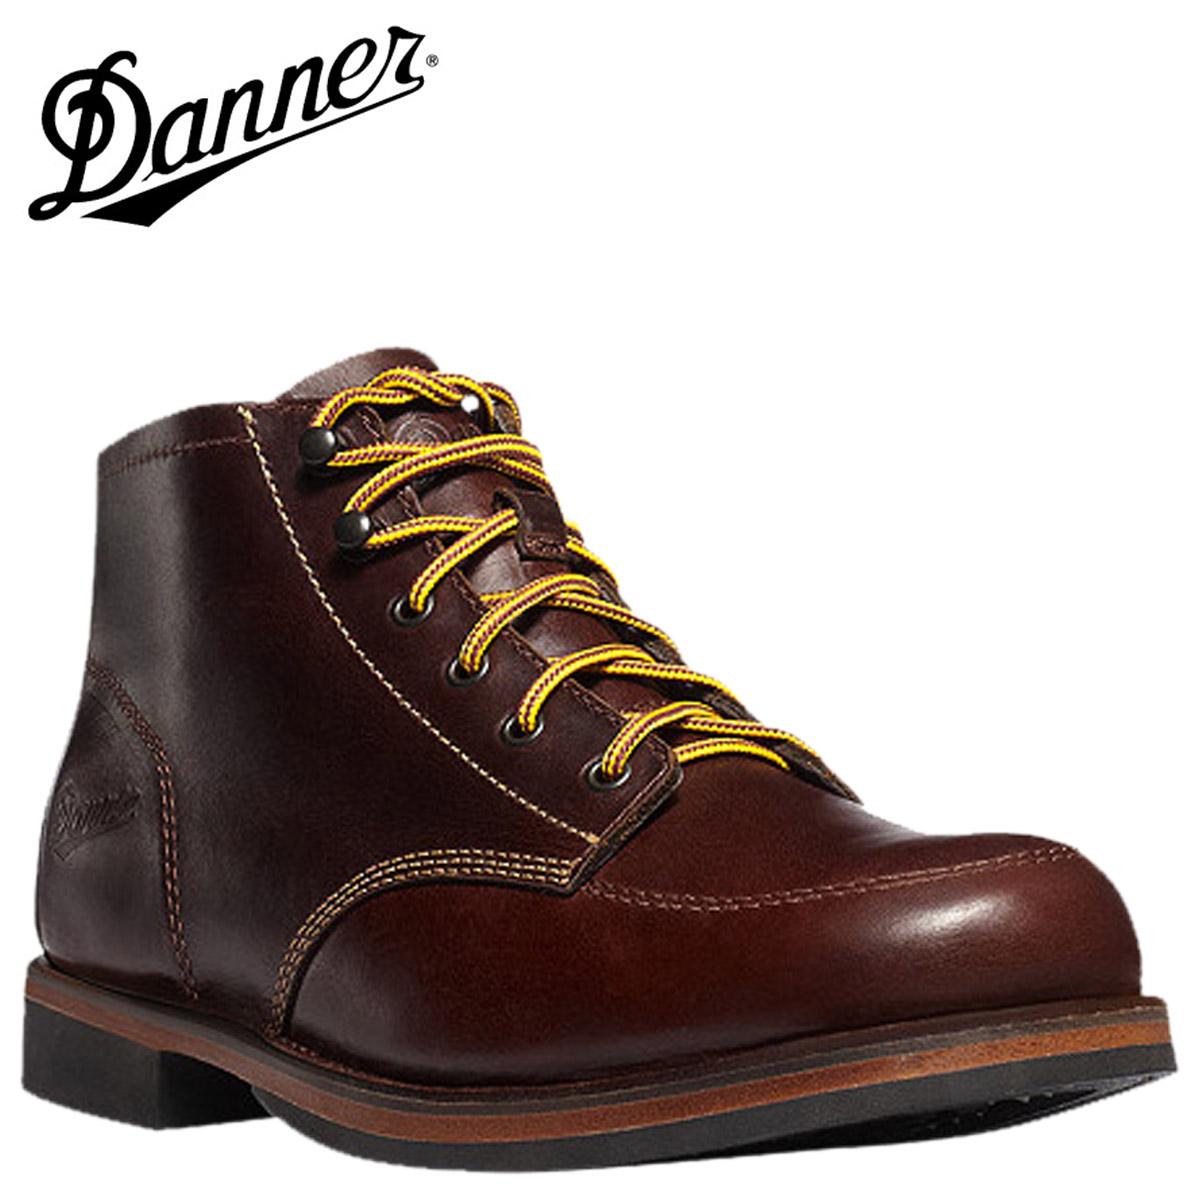 ALLSPORTS | Rakuten Global Market: Danner Danner Danner Jack ...